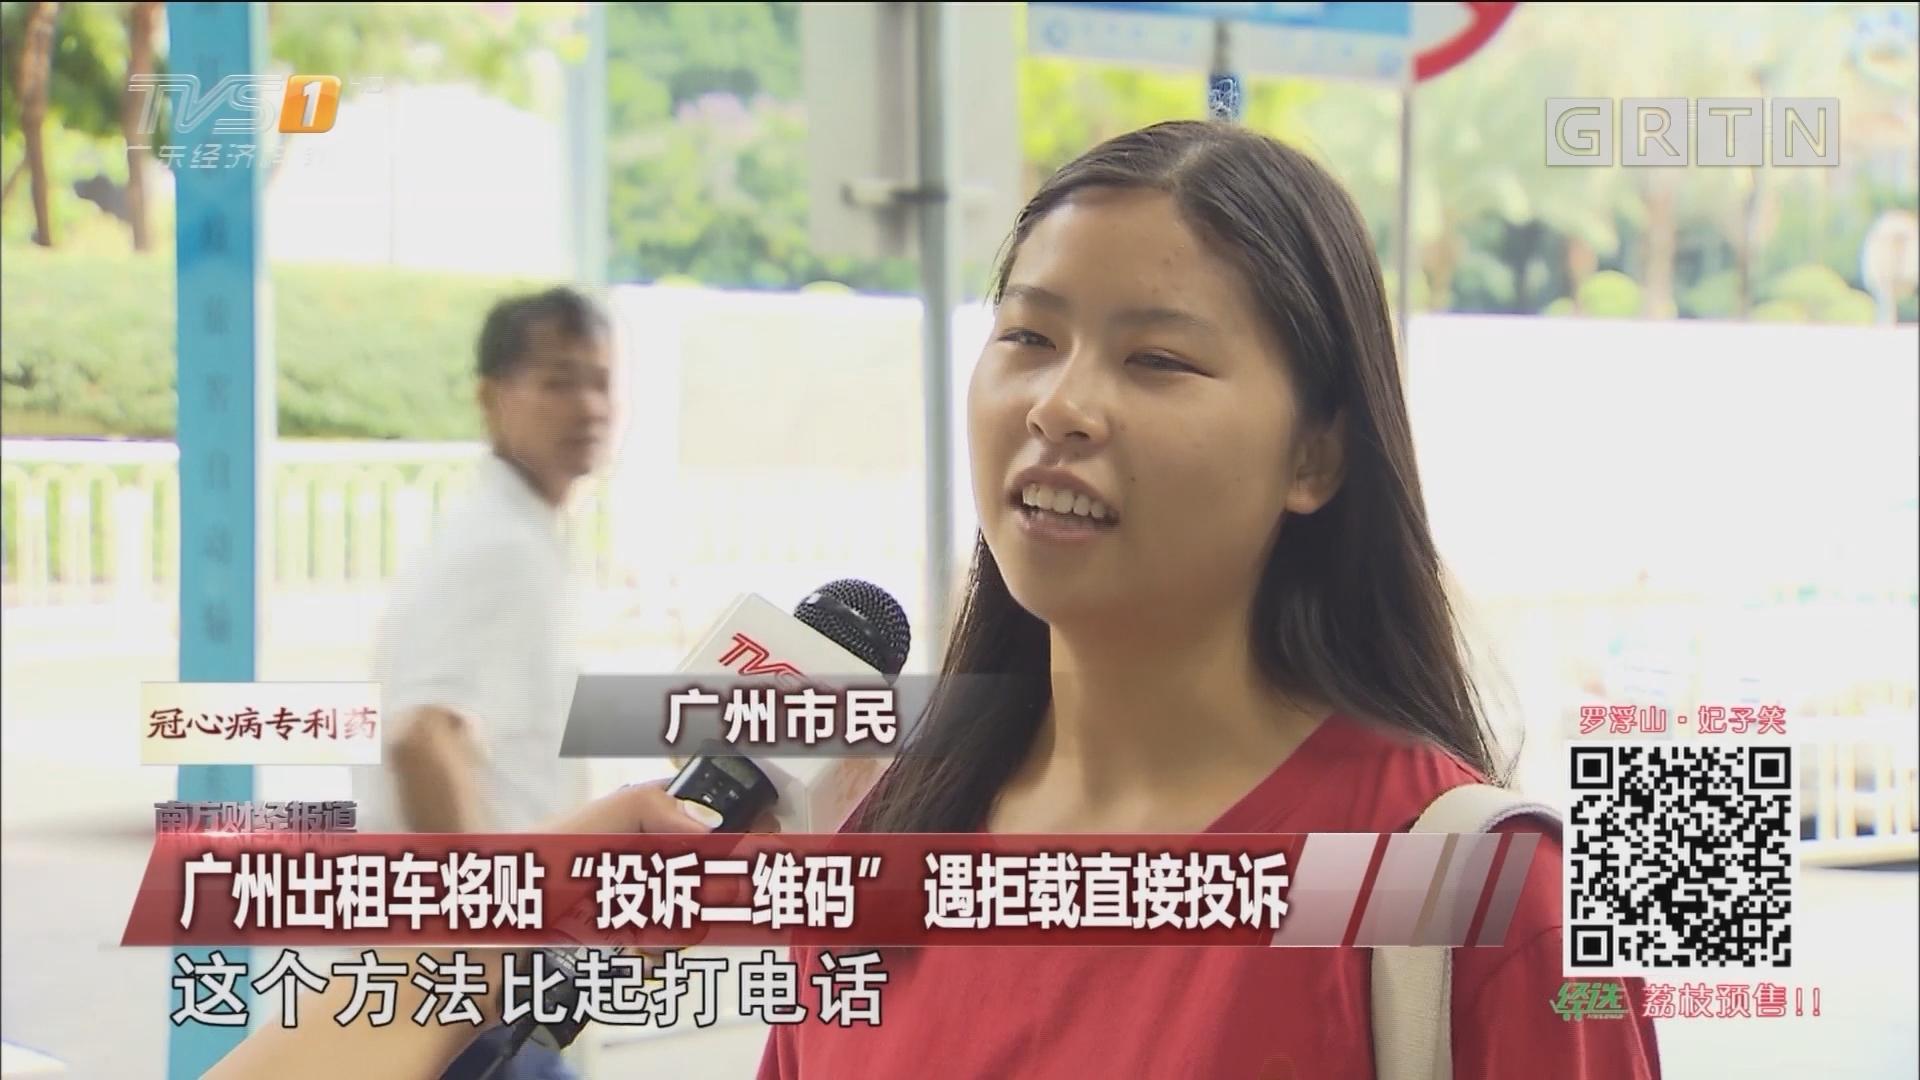 """广州出租车将贴""""投诉二维码"""" 遇拒载直接投诉"""